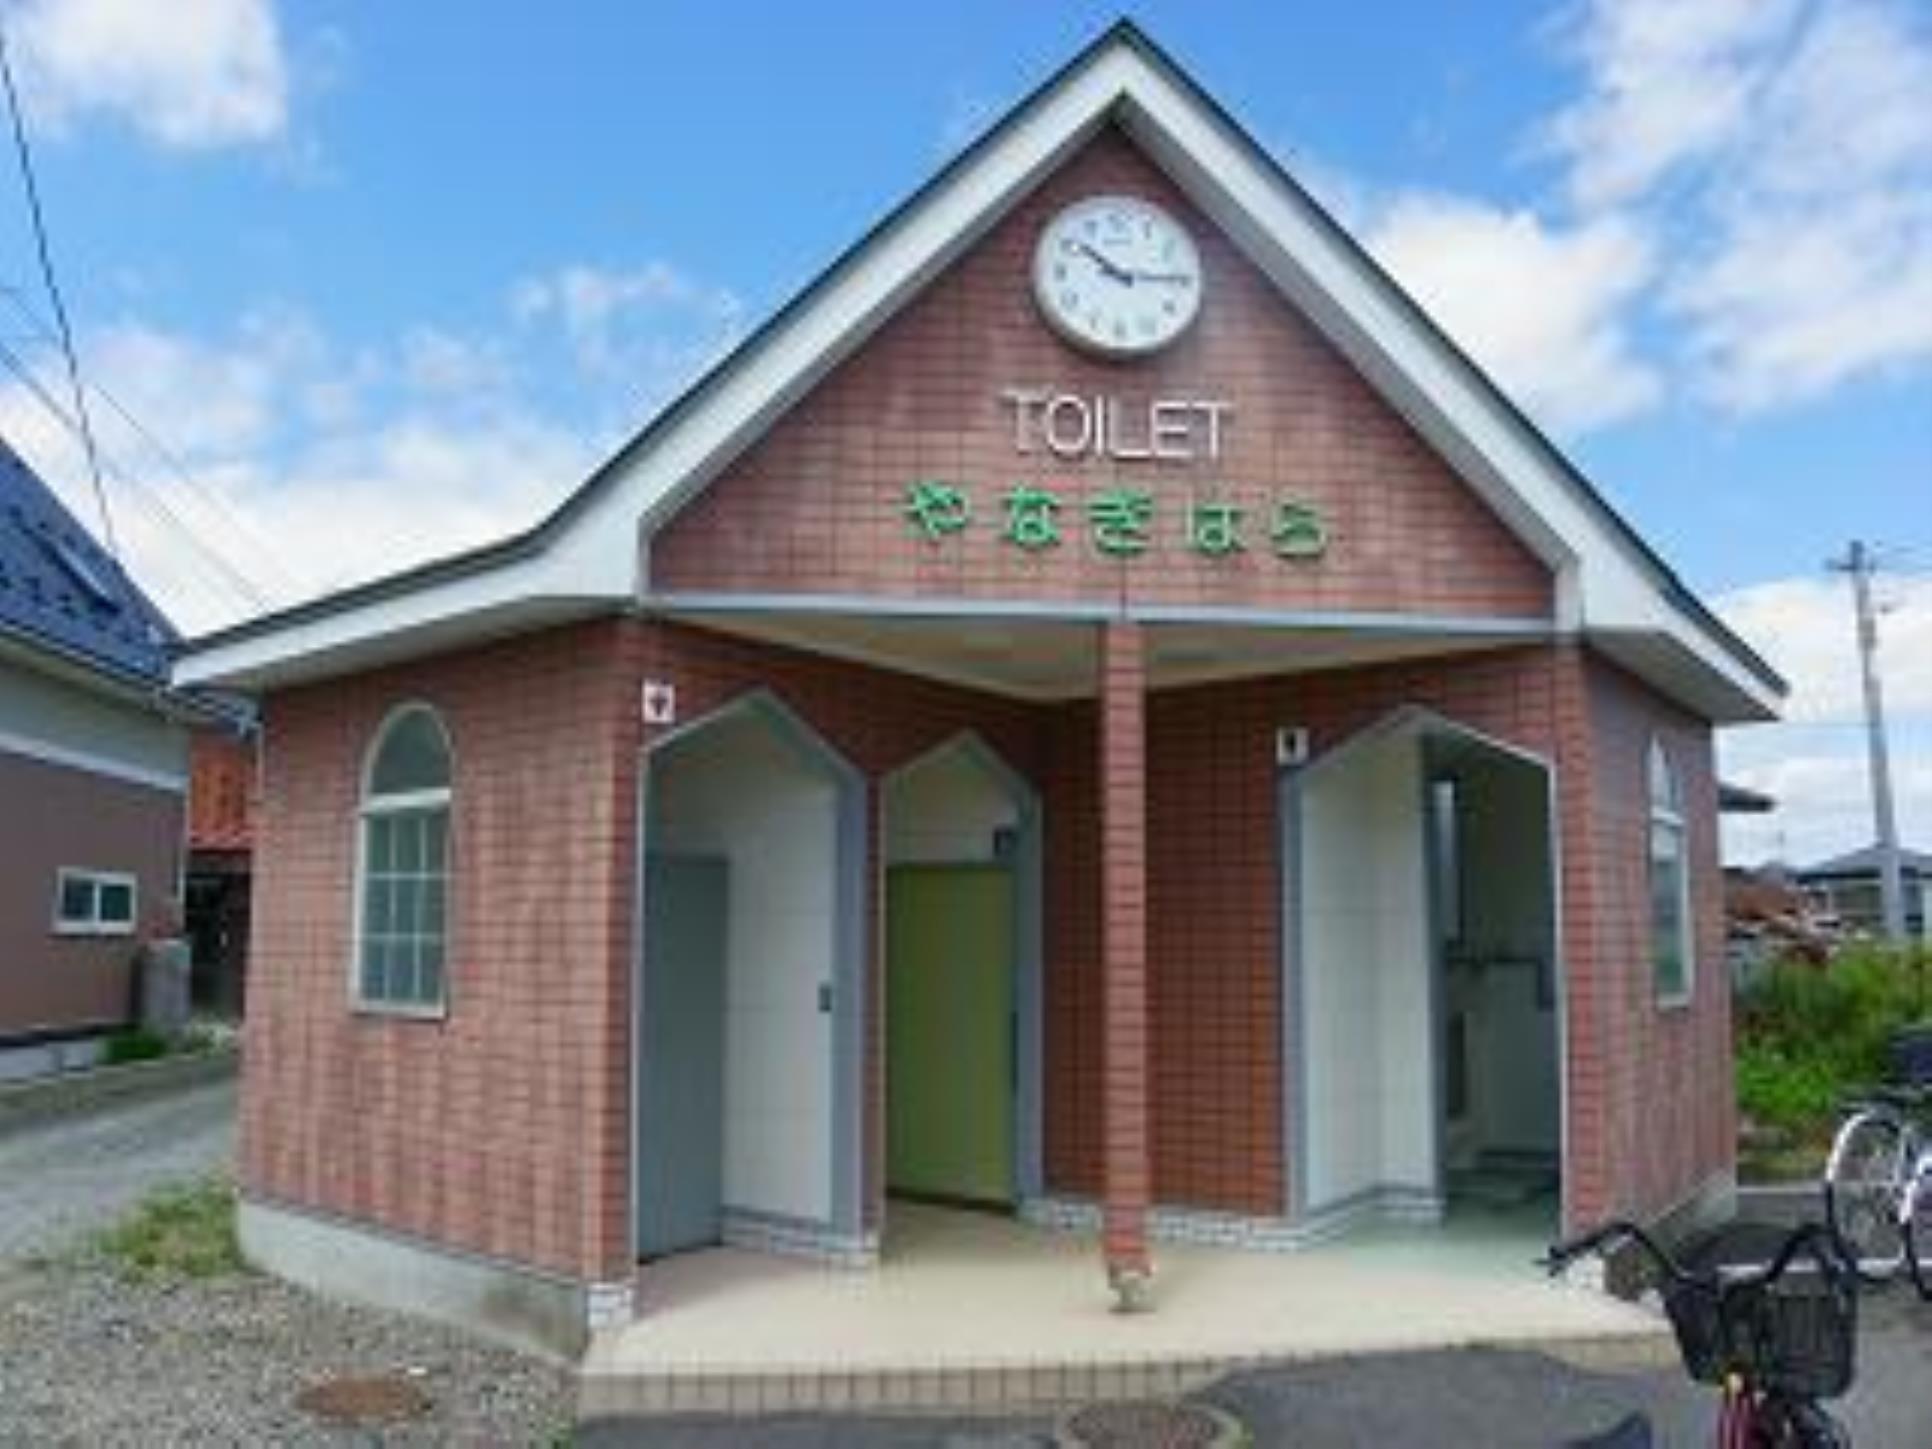 TOILET やなぎはら(柳原駅入り口通路左側)